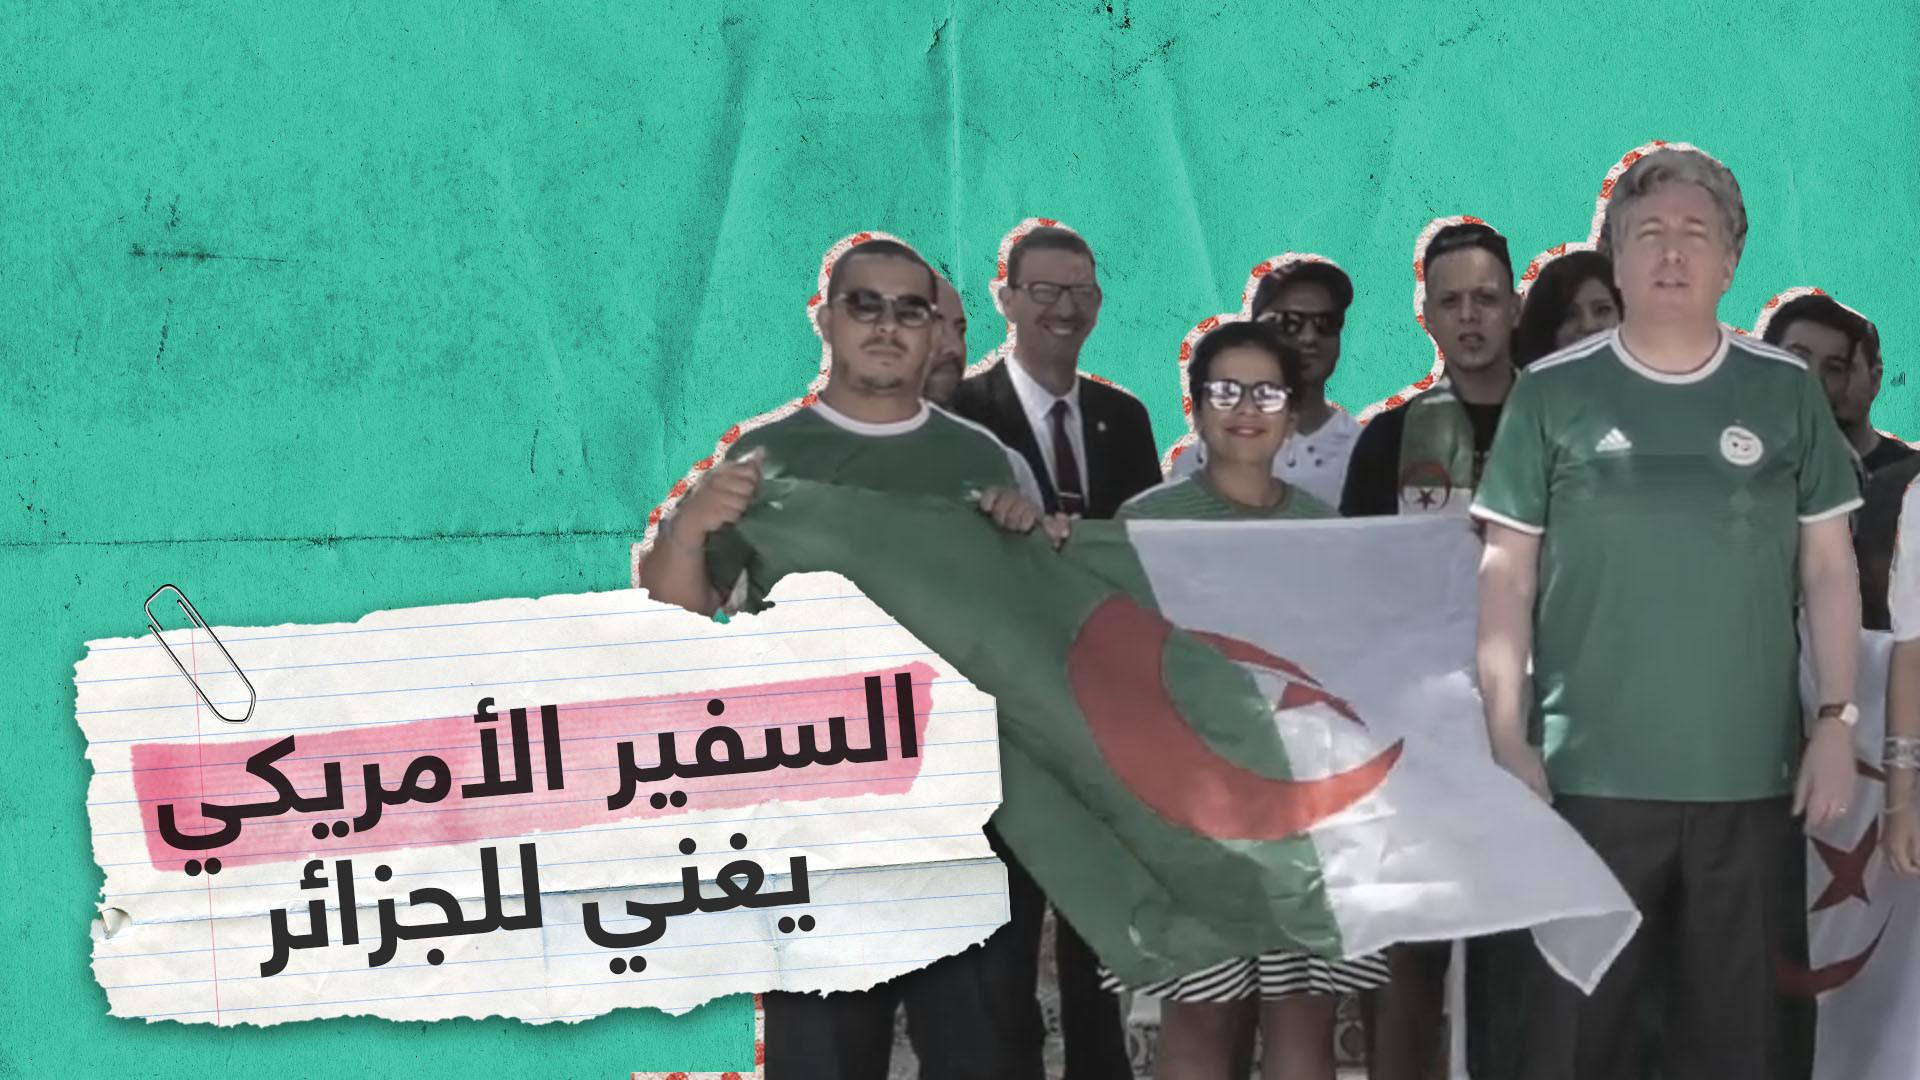 السفير الأمريكي يشجع منتخب الجزائر على طريقته